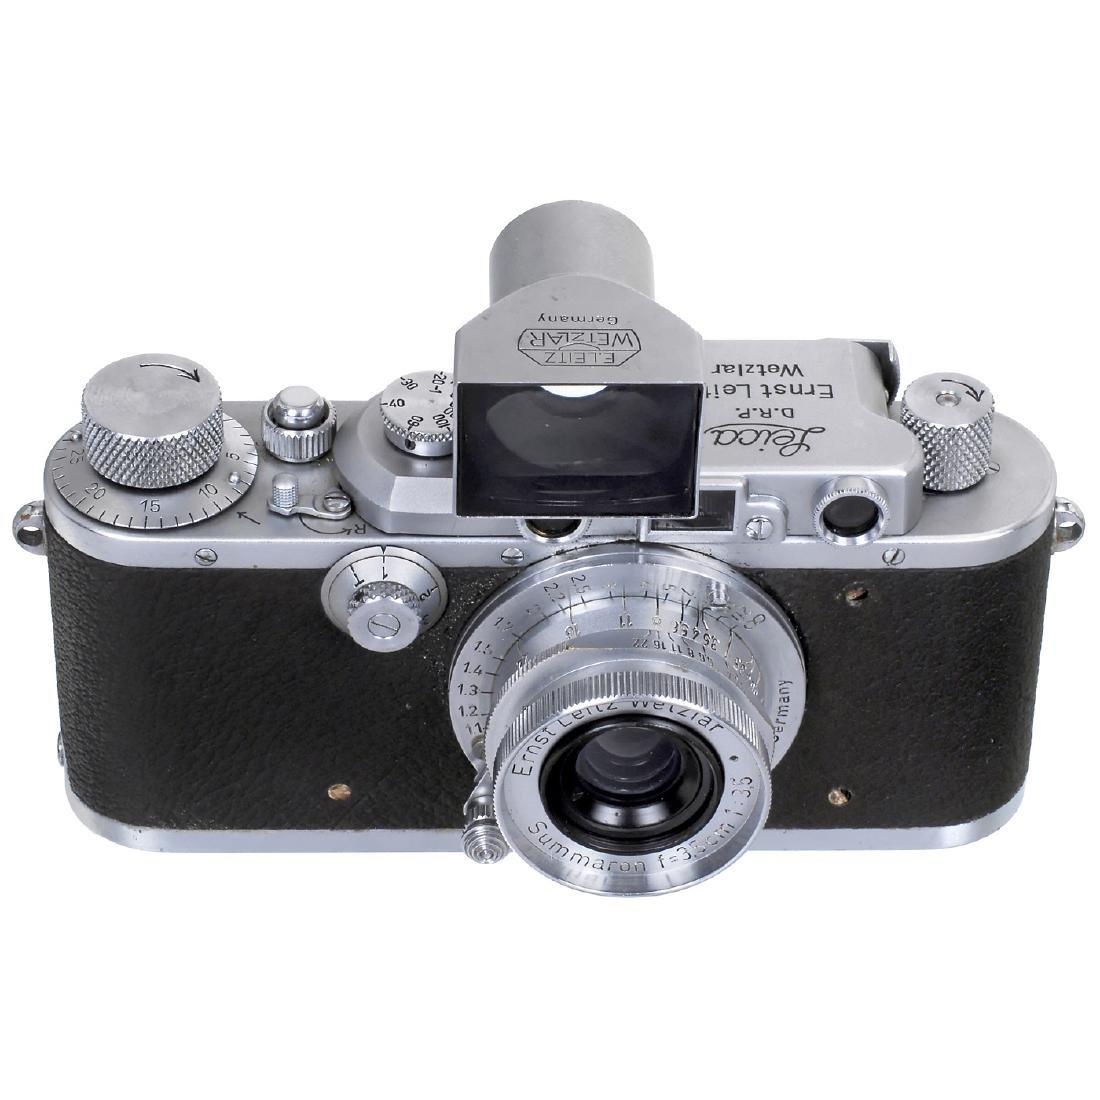 Leica IIIa with Summaron 3,5 cm and Finder, 1936